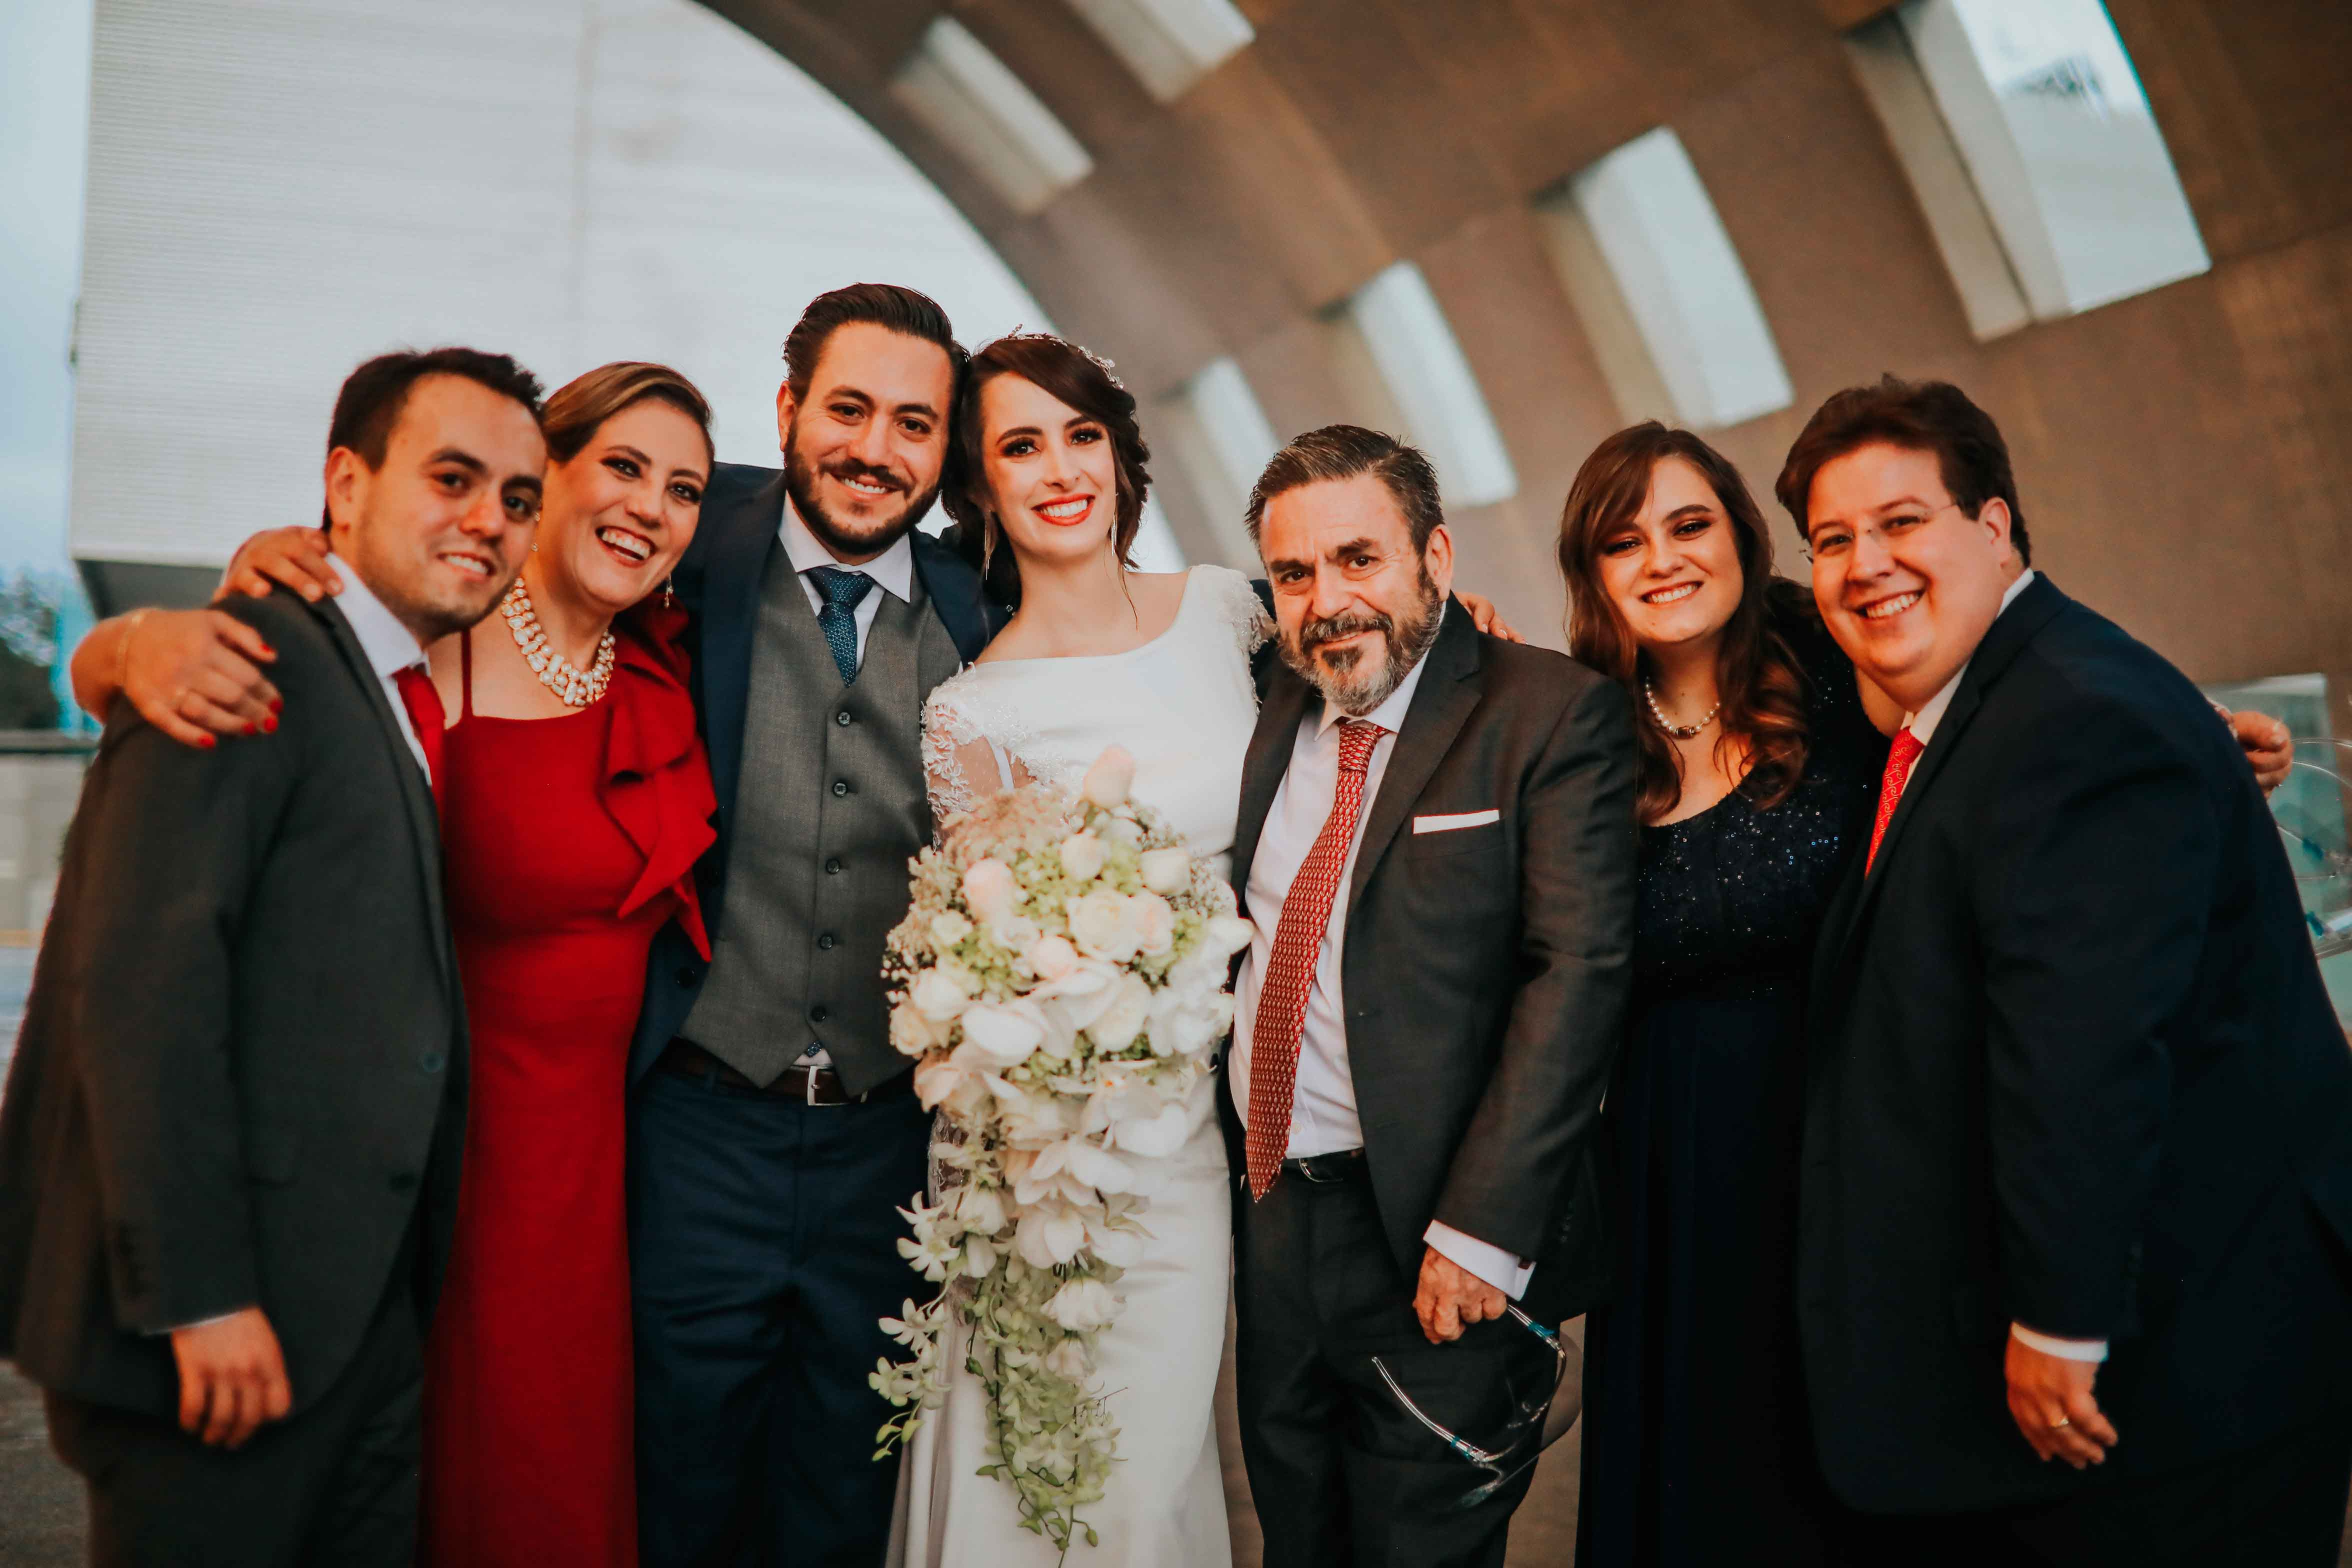 8.-Familia-novio---Santiago,-Piti,-José-Julián,-Gio,-Julián,-Monica-y-Santiago